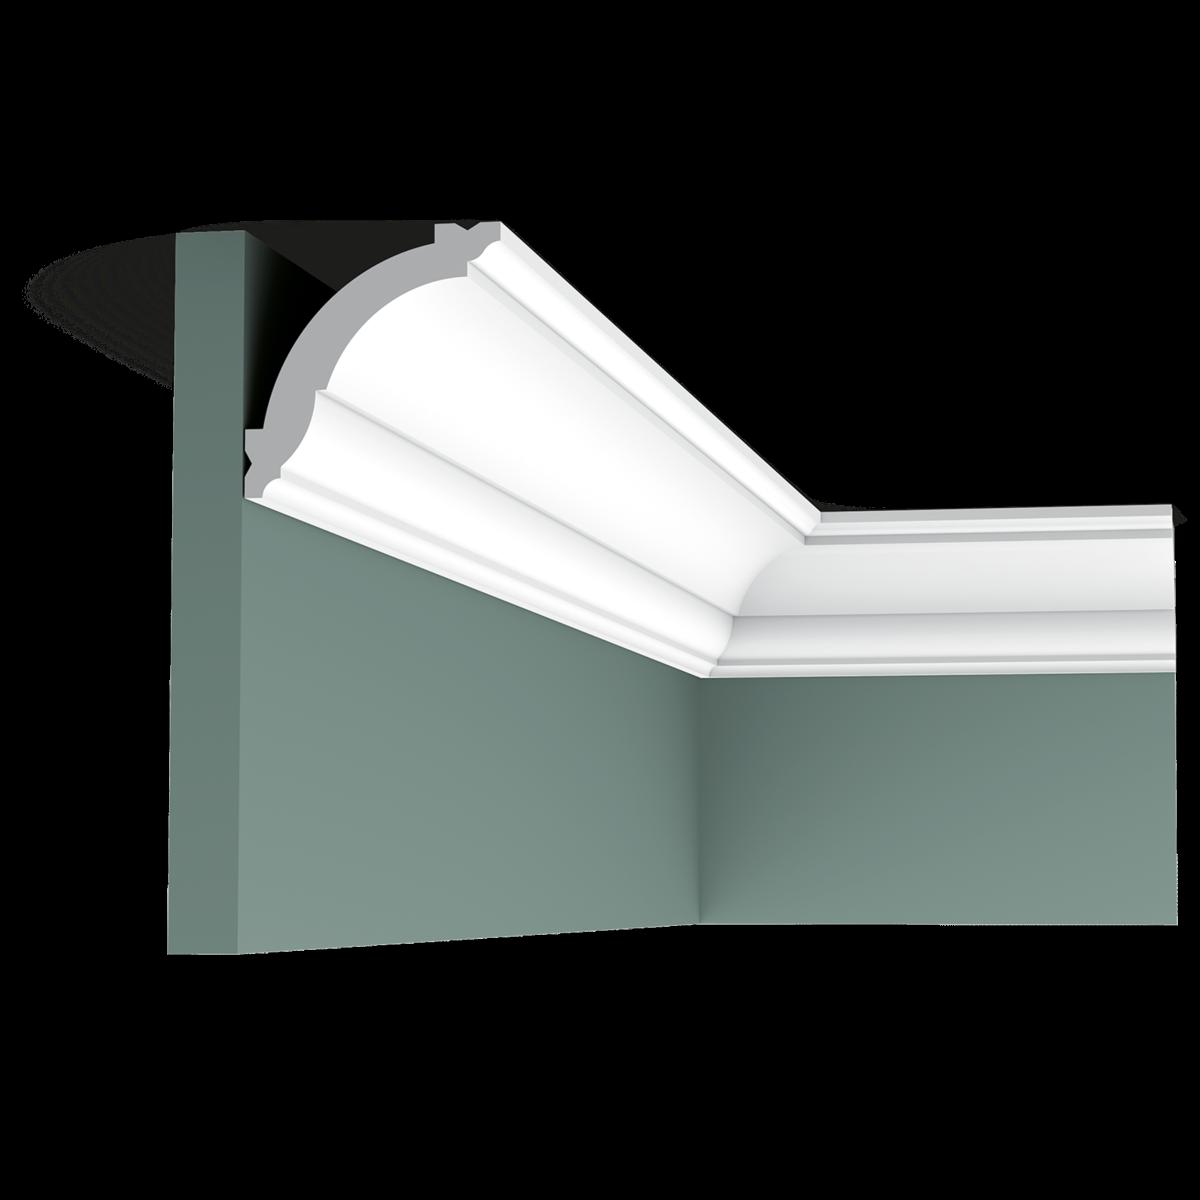 Cx100 Corniche Plafond Orac Decor Axxent 7x7x200cm H X P X L Moulure Décorative